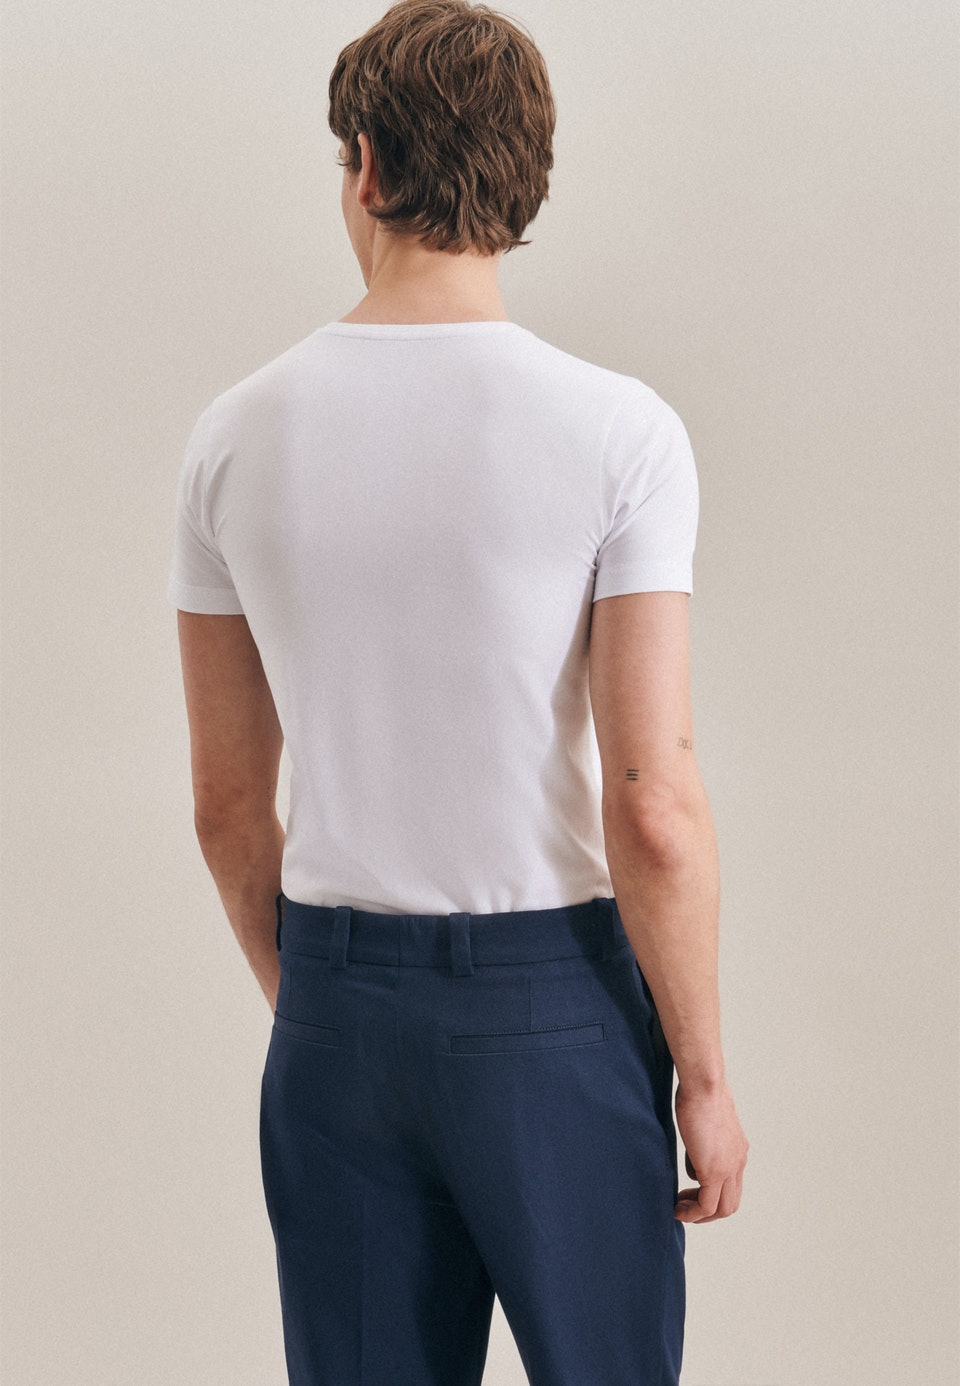 Rundhals T-Shirt aus Baumwollmischung in Weiß |  Seidensticker Onlineshop